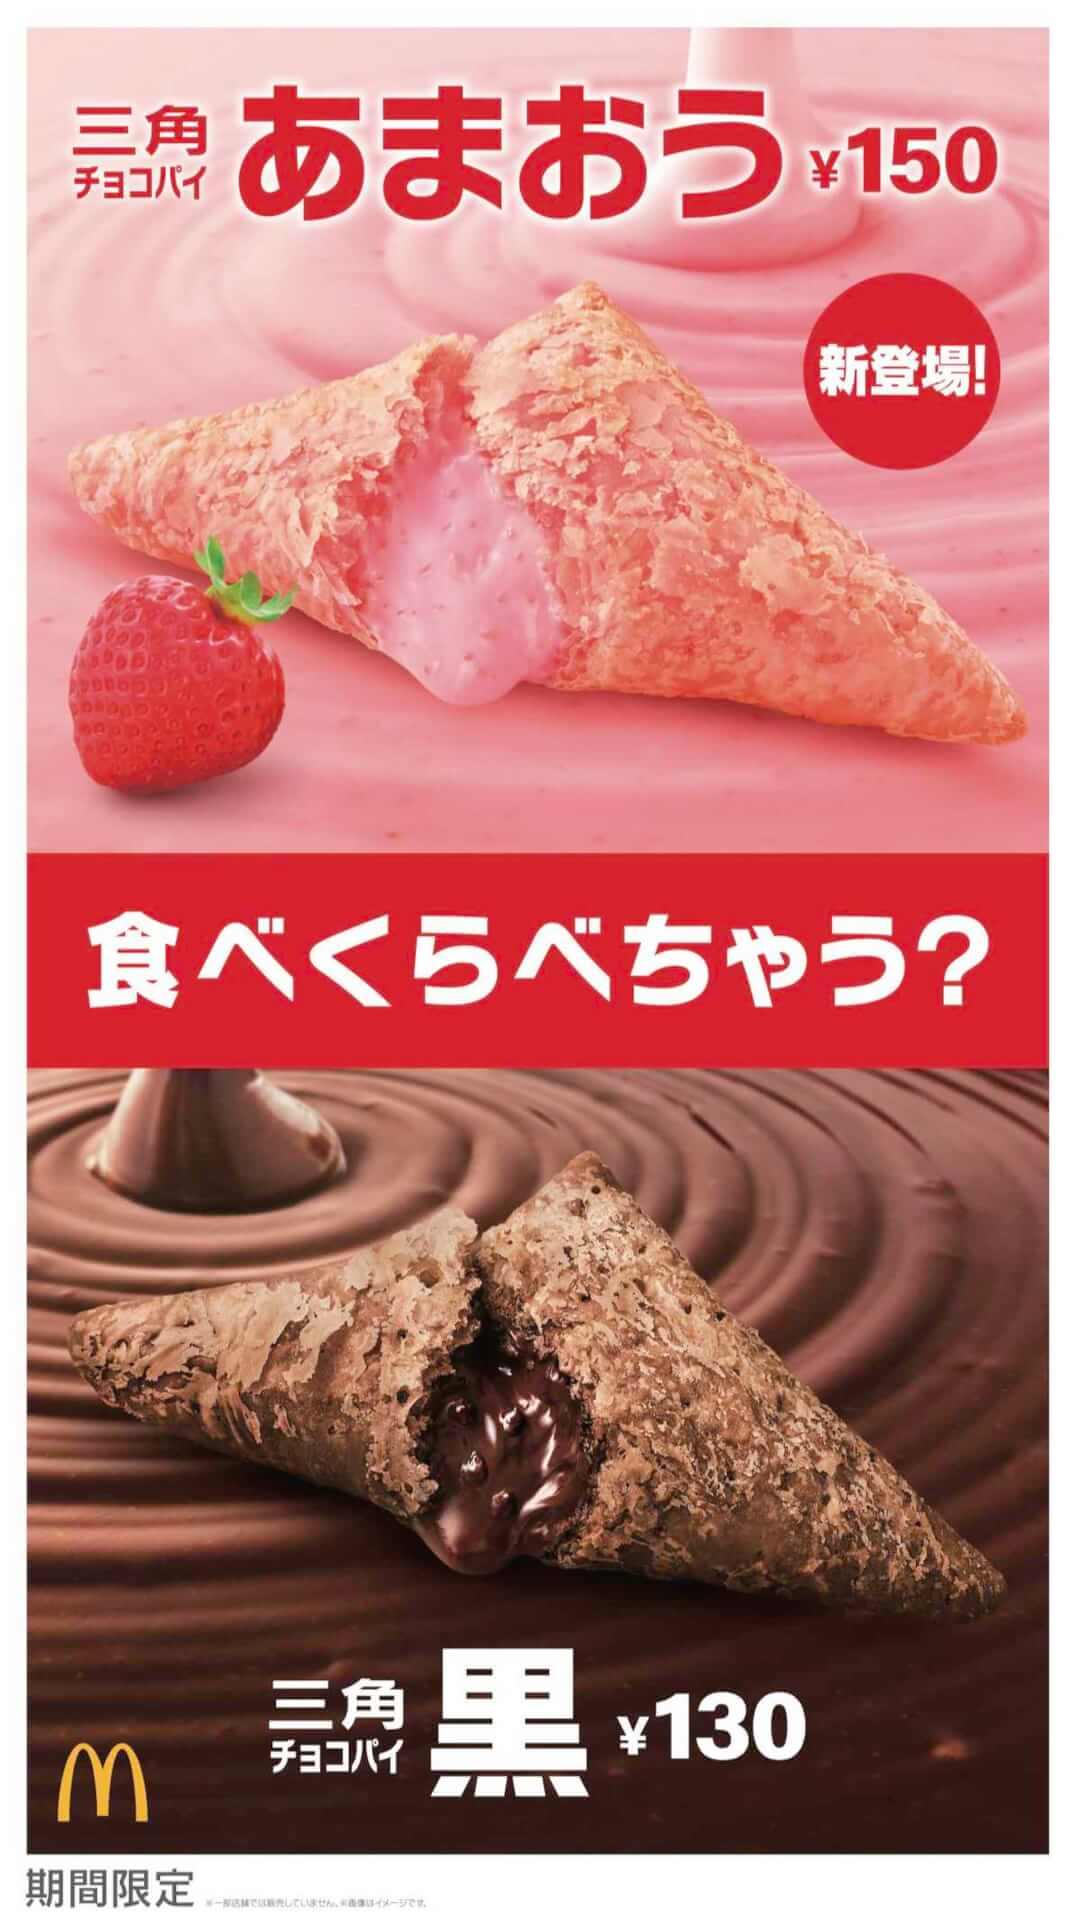 あなたも三角チョコパイあまおう食べたい?マクドナルド、抽選で100名にマックカード2,000円分が当たるツイートキャンペーン実施 gourmet191128_mcdonald_sankaku_2